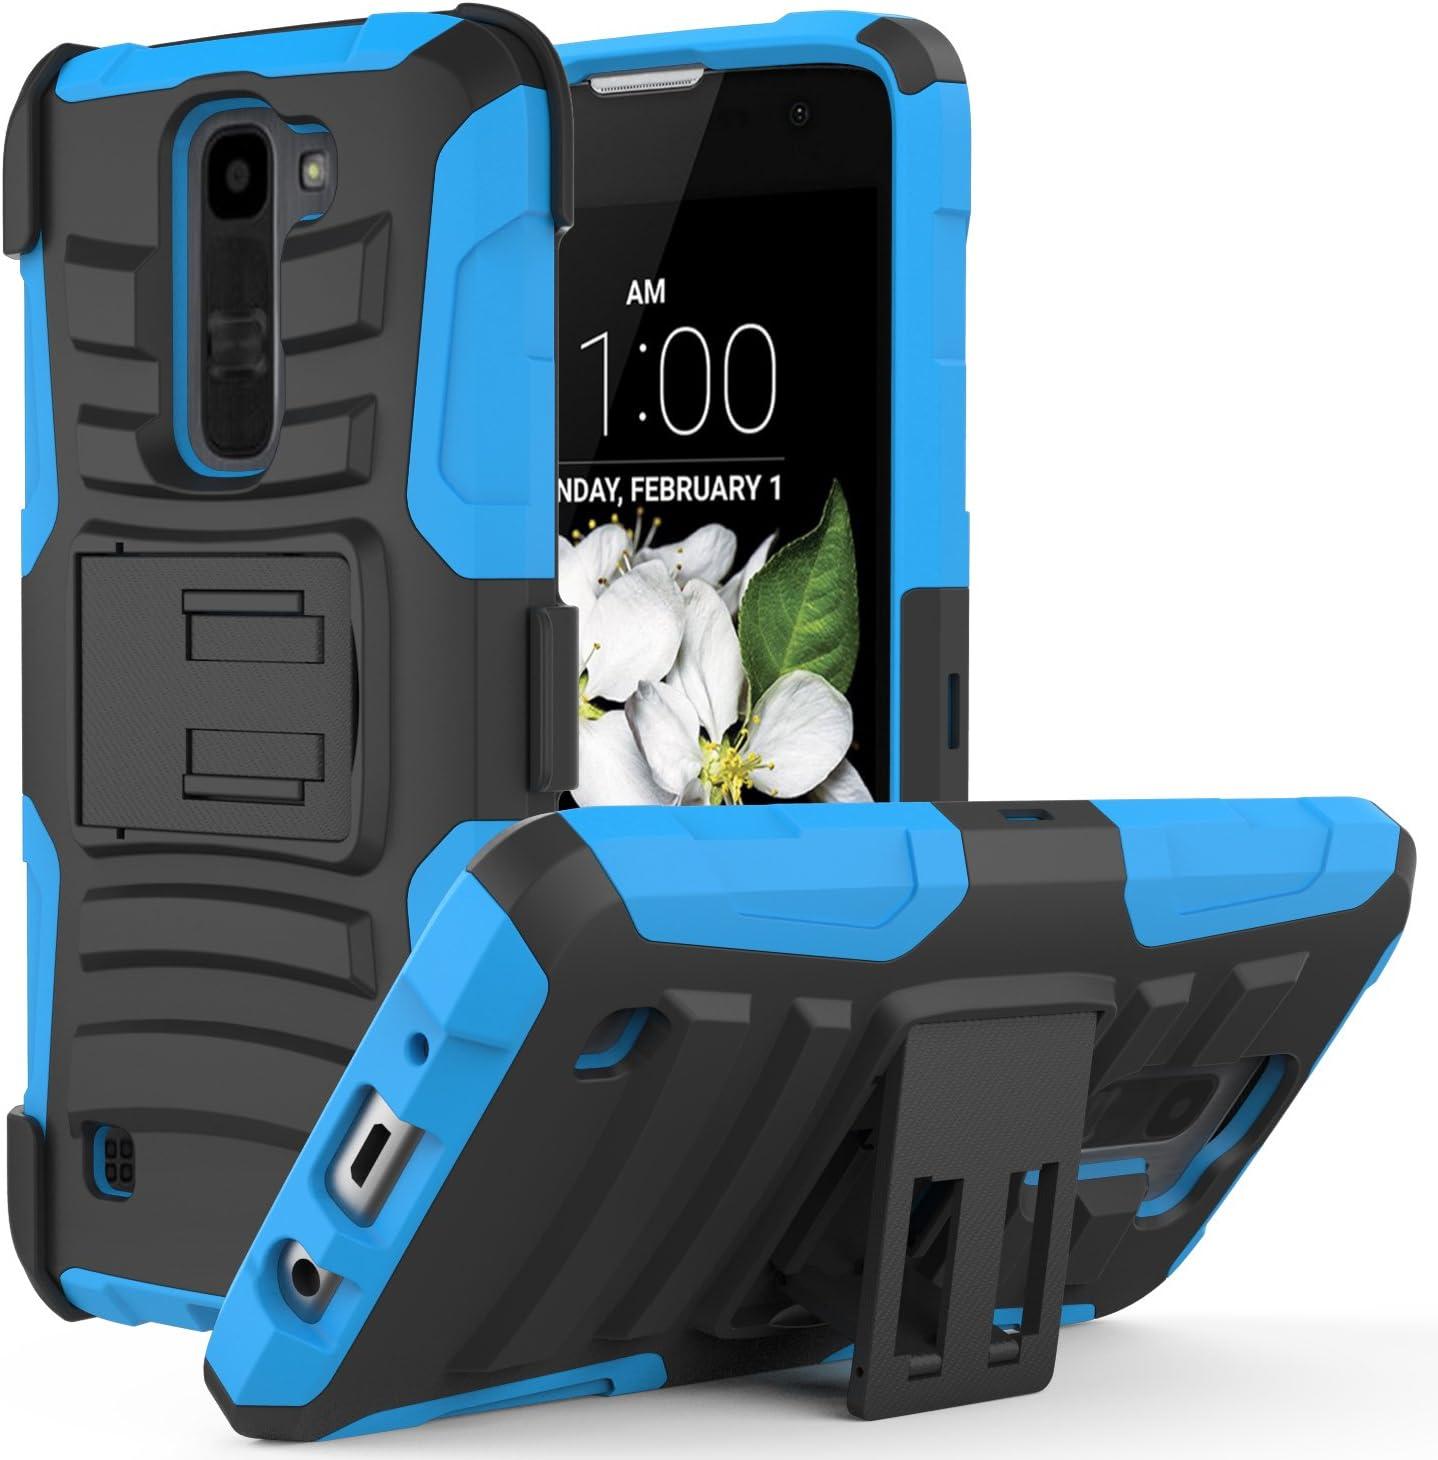 MoKo LG K7 Funda - Cuerpo de la Resistente Funda Giratoria con Clip de la Correa Resistente Choque de Doble Capa para LG K7 5.0 Pulgadas Smartphone 2015 Release, Azul: Amazon.es: Electrónica